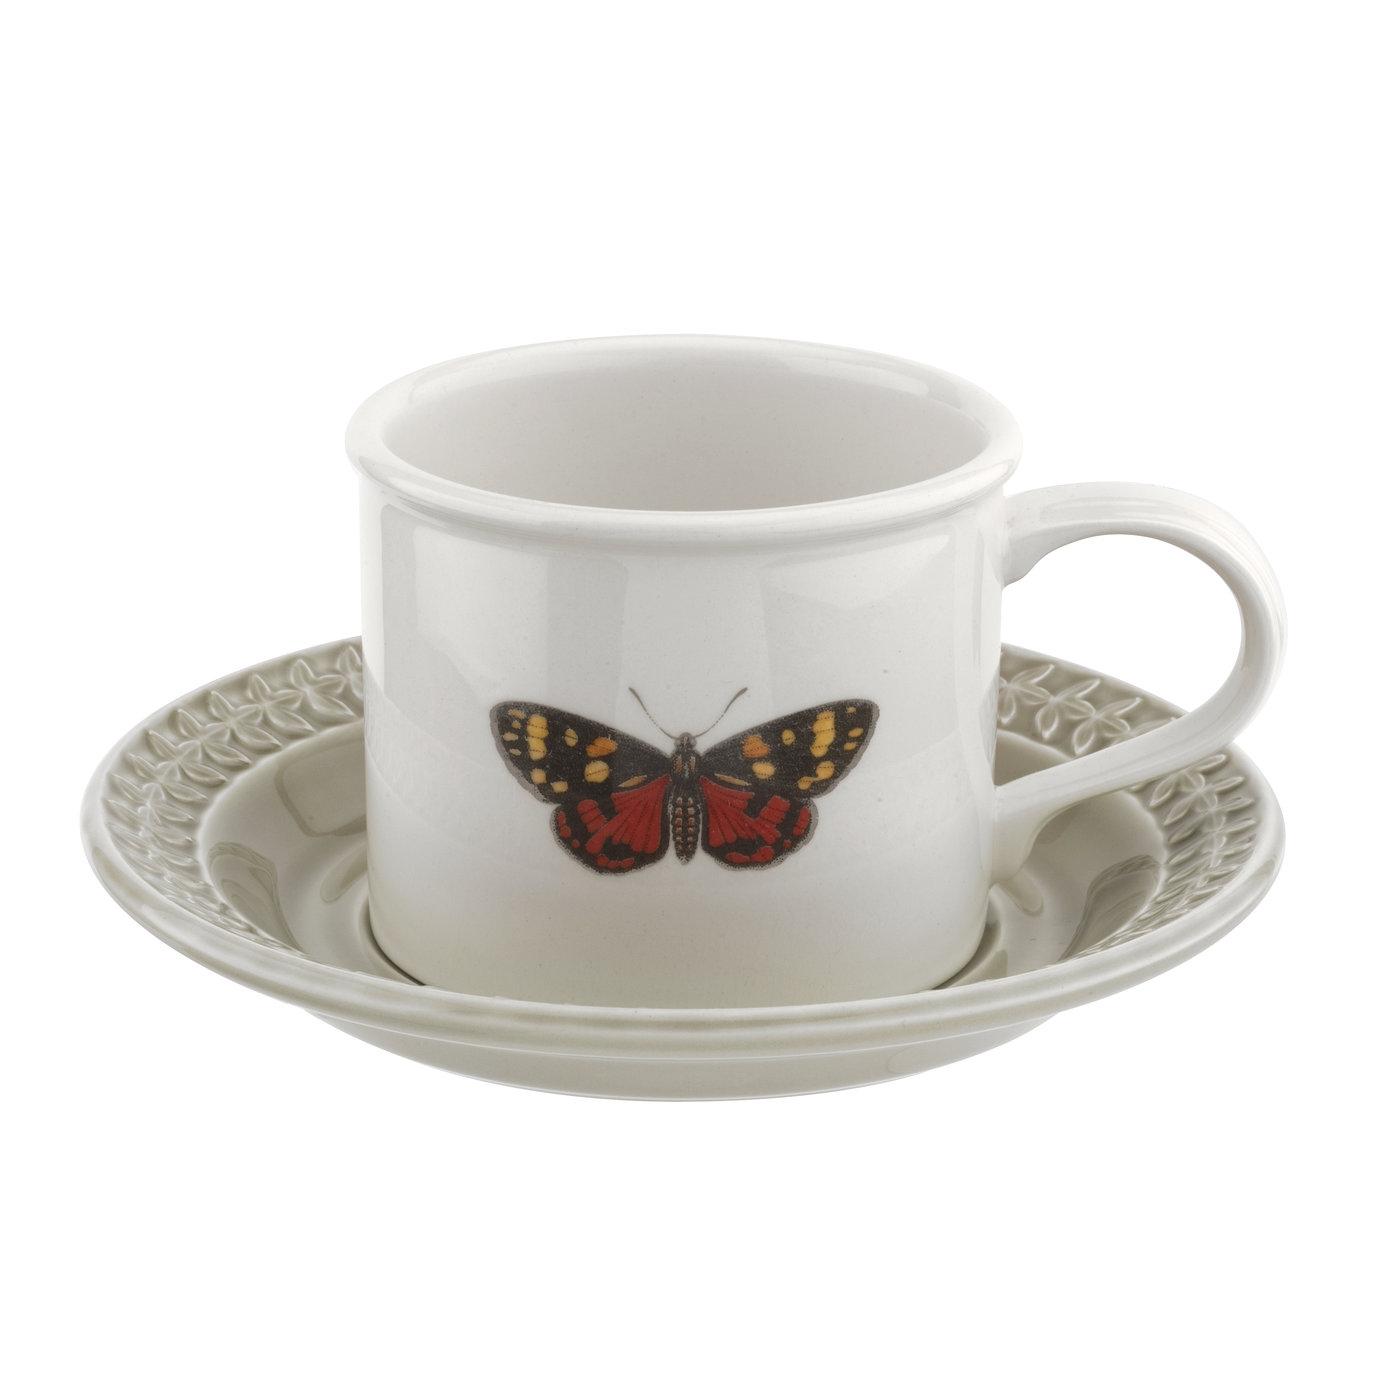 포트메리온 '보타닉 가든 하모니' BF머그 앤 컫받침 Portmeirion Botanic Garden Harmony Embossed Stone Breakfast Cup and Saucer